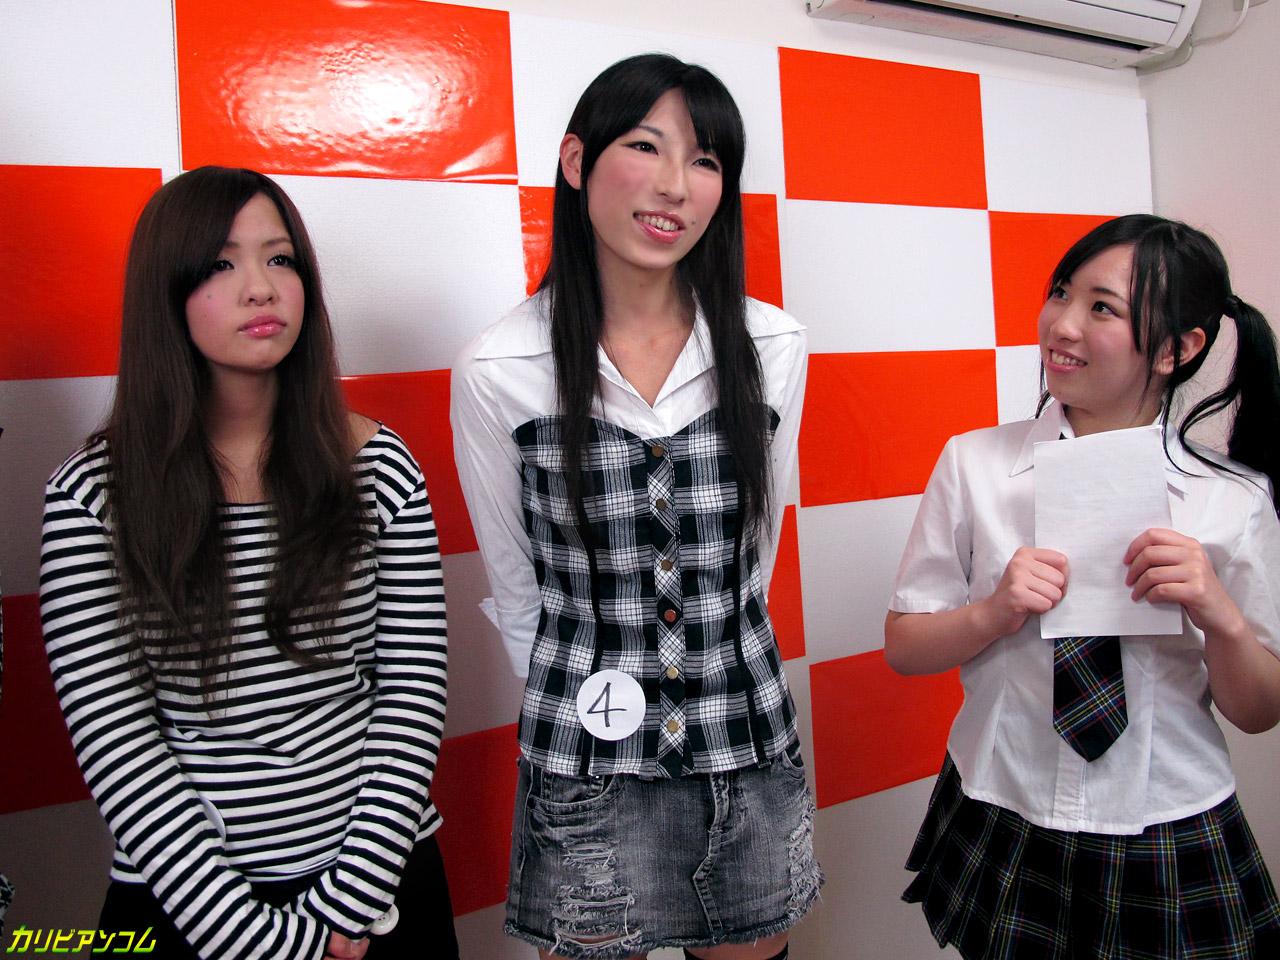 カリビアンTV 第1回 2010年11月4日放送分 AV女優オーディションの裏側